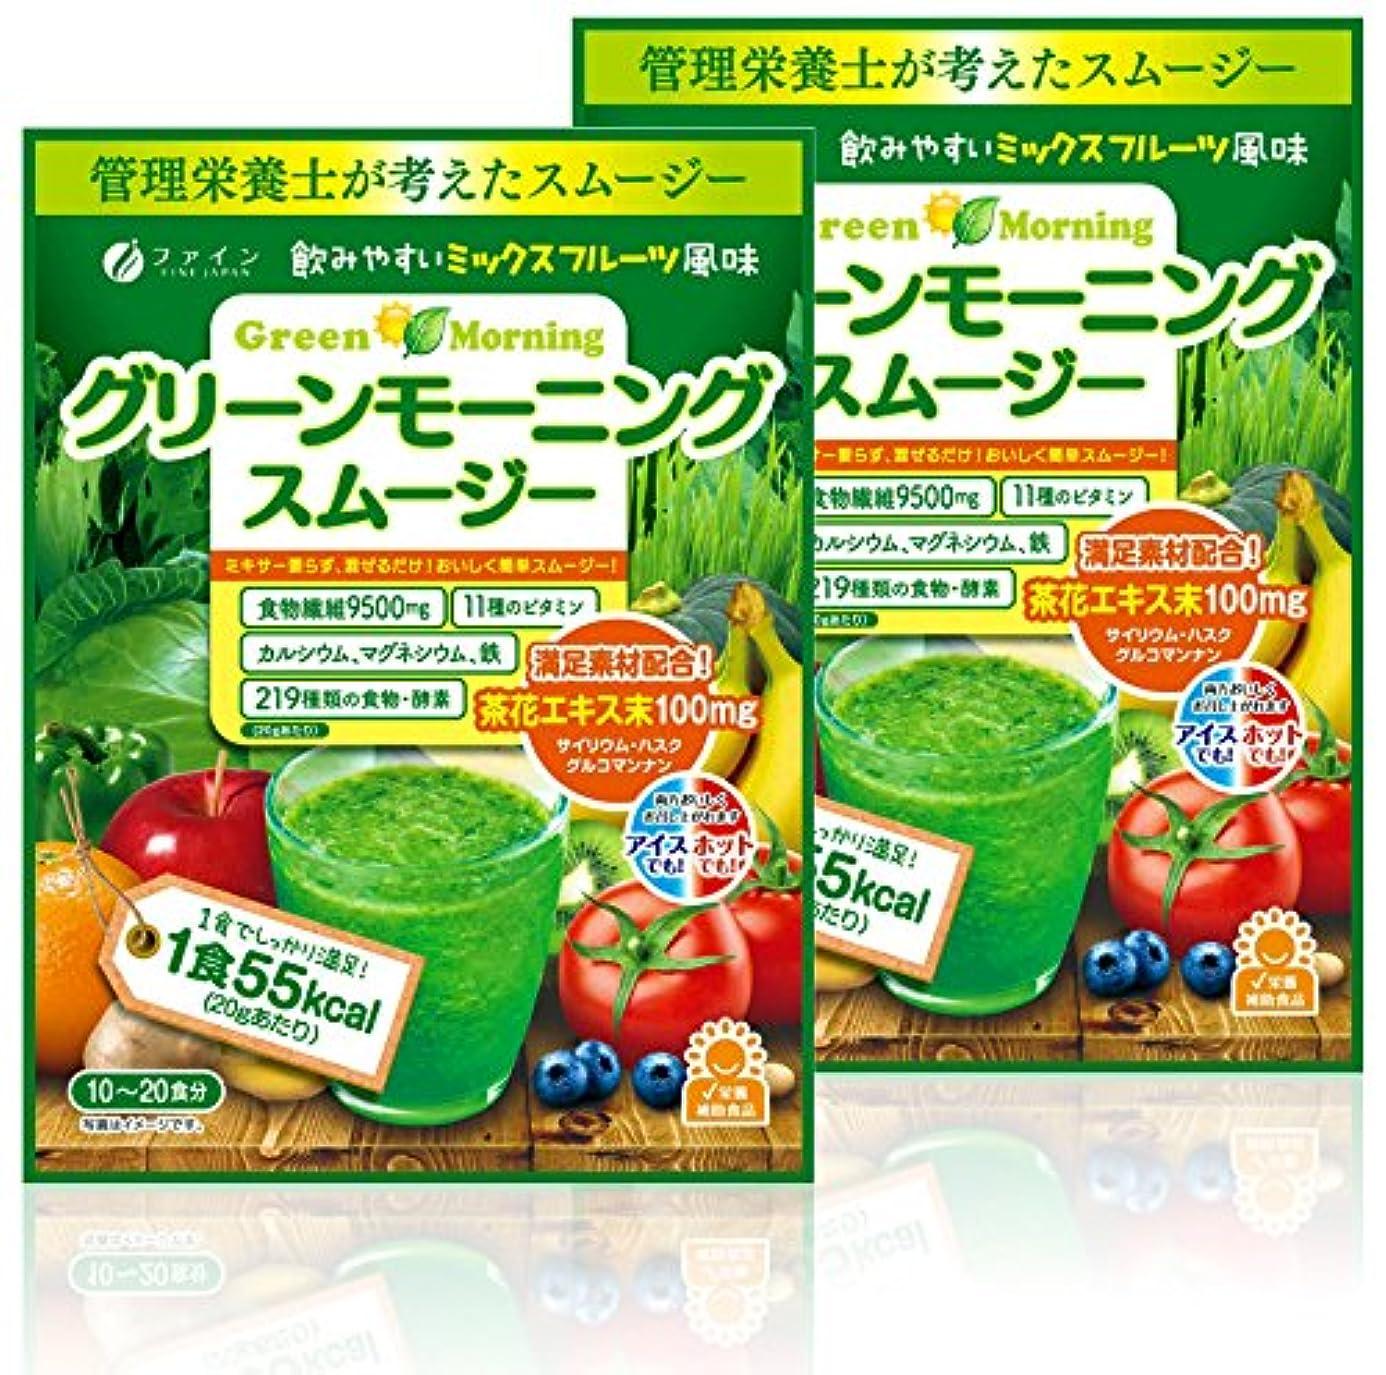 勇気拡散するタンクファイン グリーンモーニングスムージー 食物繊維9.5g 植物酵素配合 (200g入)×2袋セット